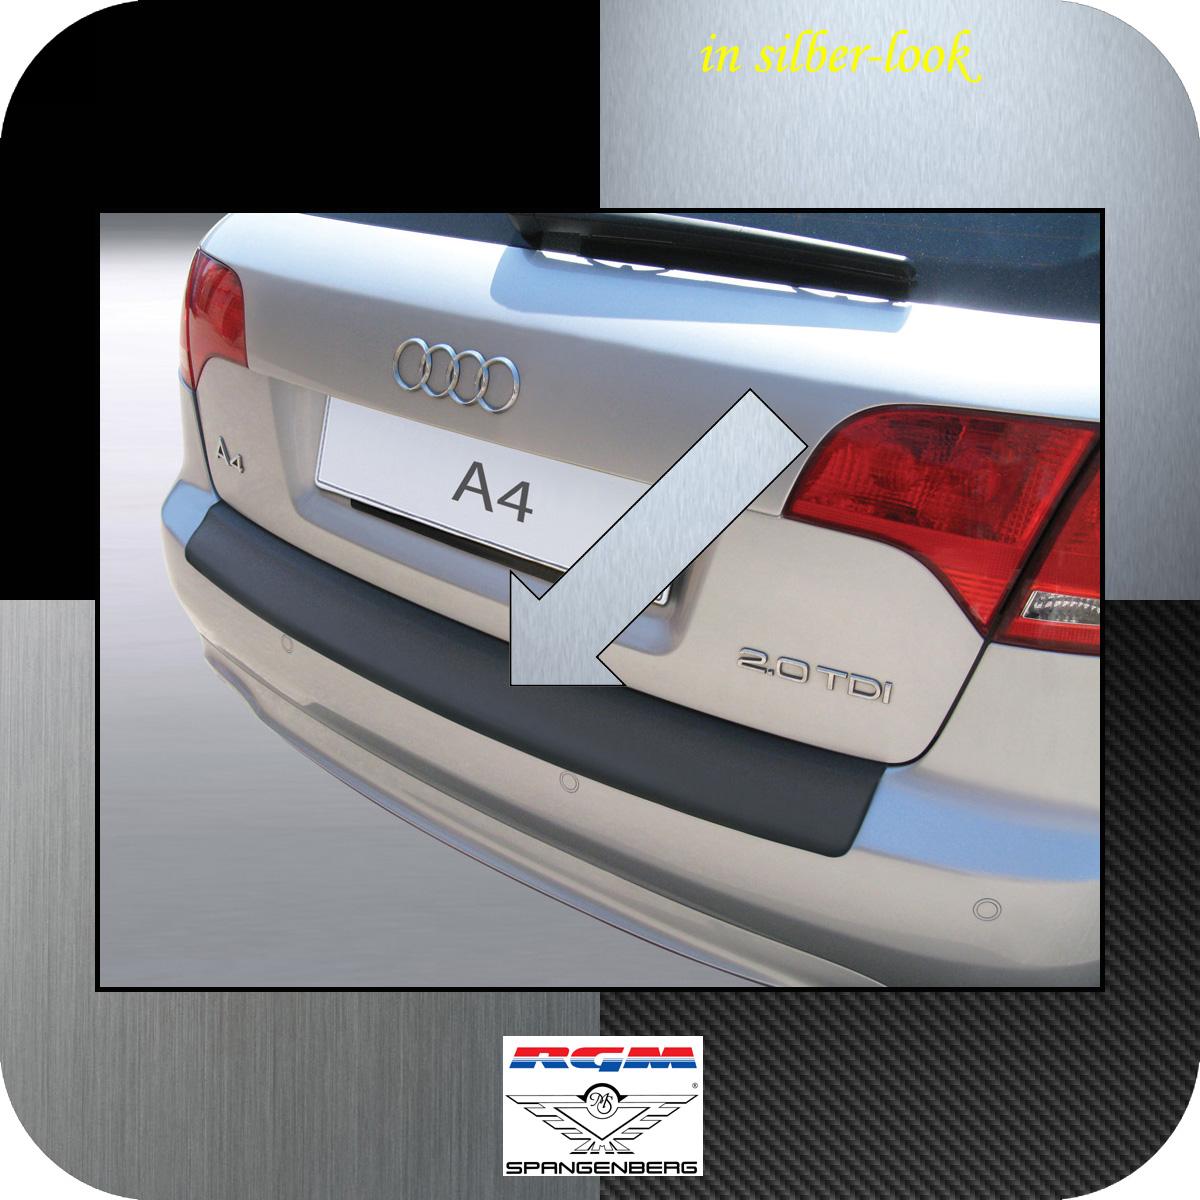 Ladekantenschutz Silber-Look Audi A4 B7 Avant Kombi auch S-Line 2004-08 3506462